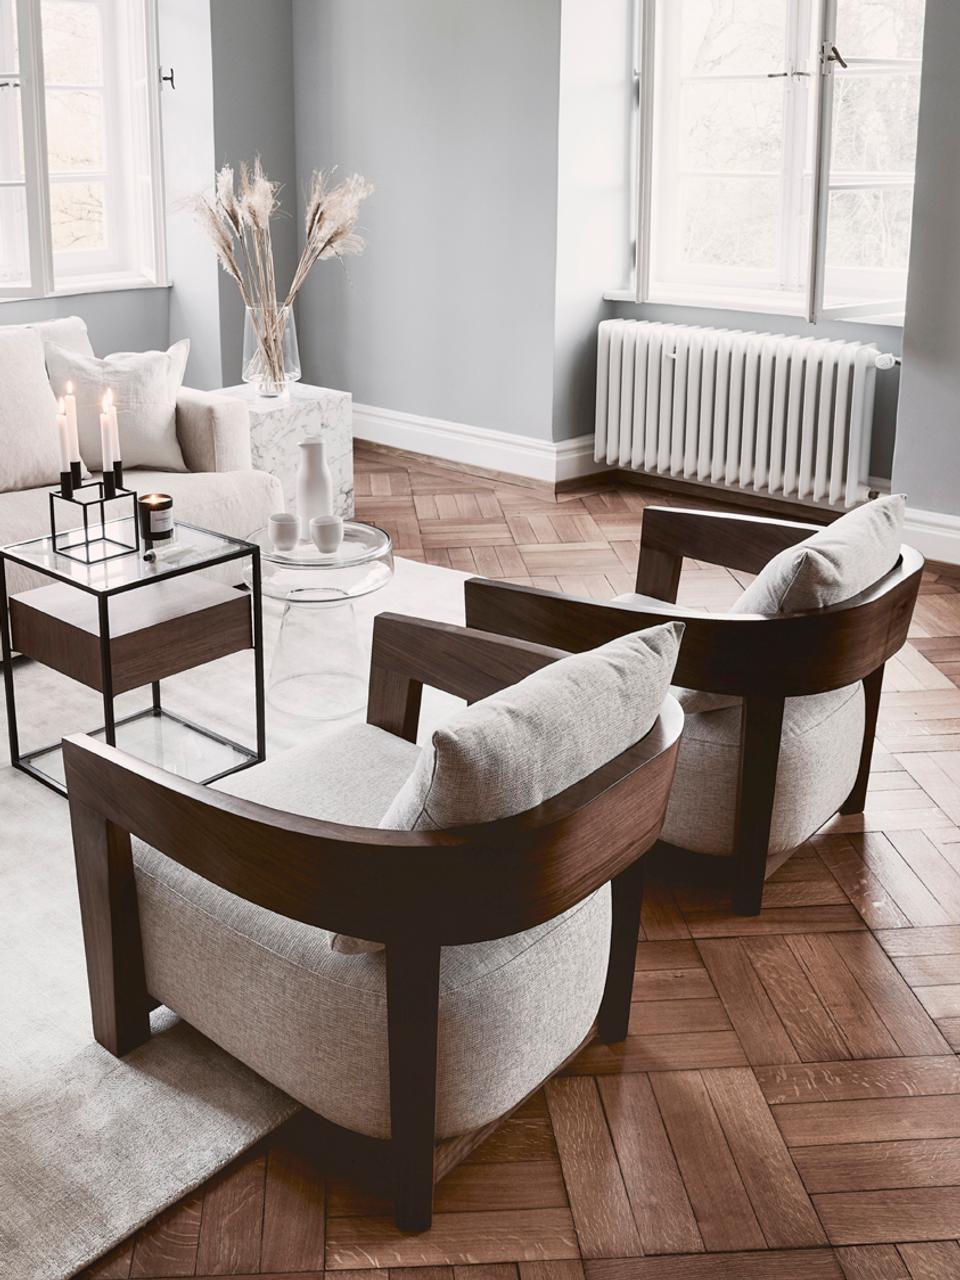 Sessel Rubautelli aus Holz, Bezug: 58% Polyester, 42% Olefin, Gestell: Mitteldichte Faserplatte , Webstoff Beige, B 74 x T 80 cm